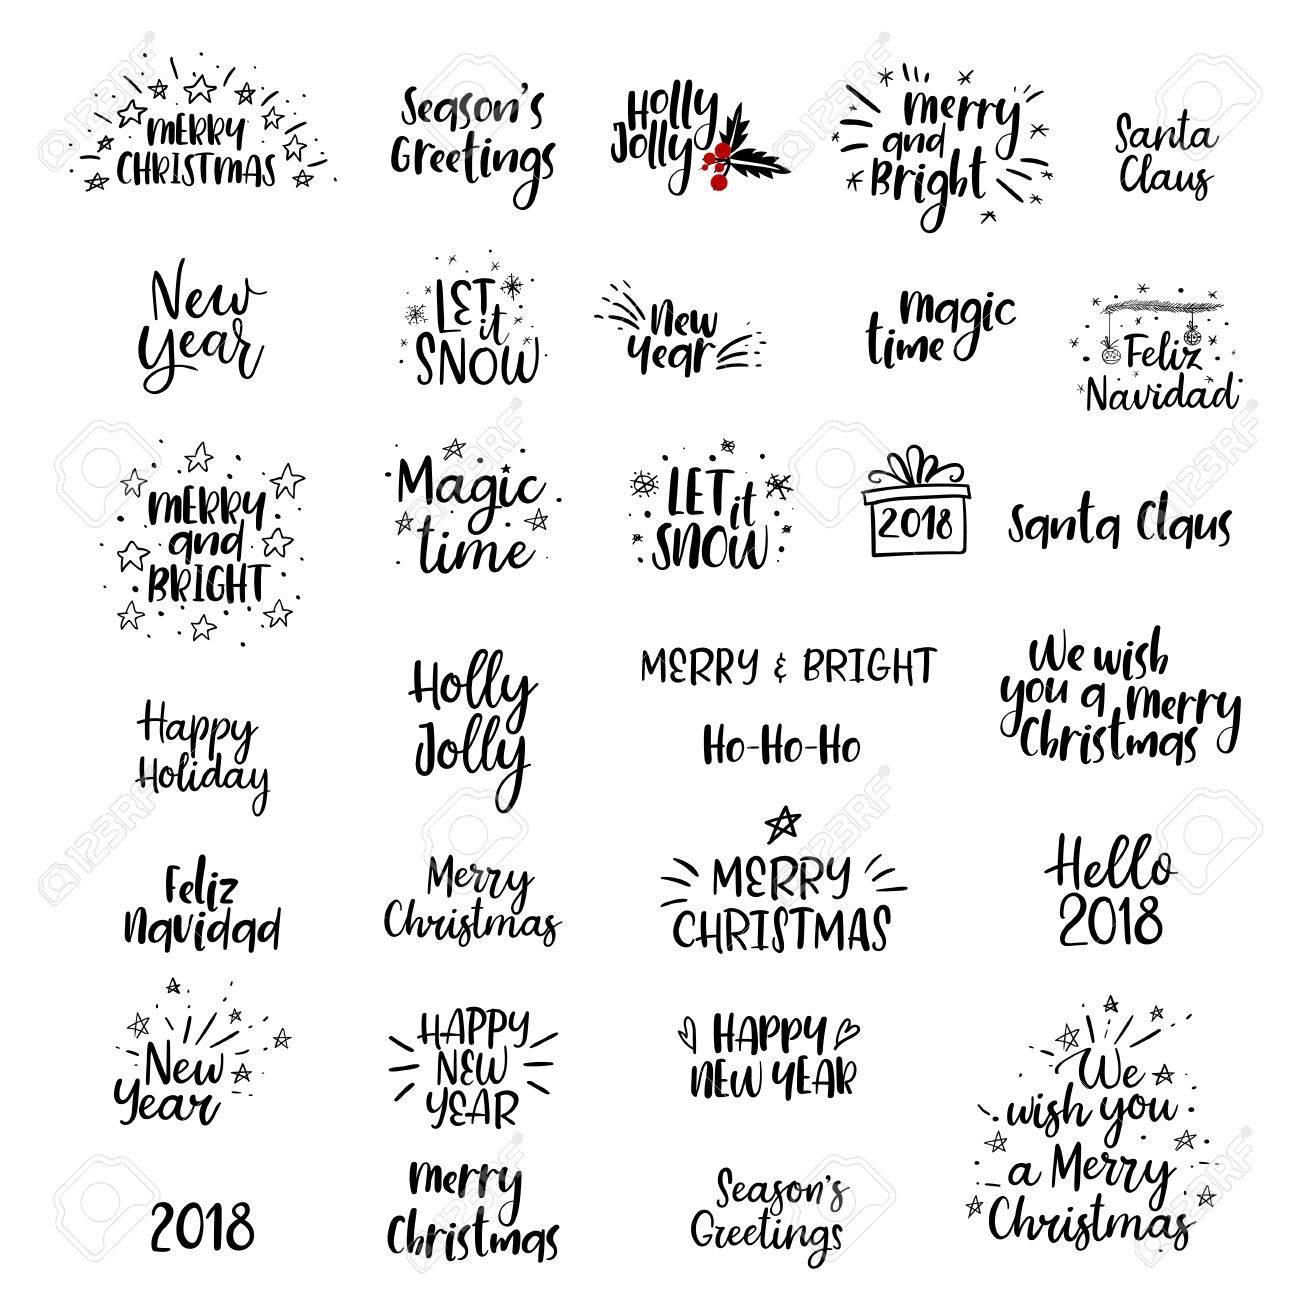 Feliz Navidad Feliz Ano Nuevo 2018 Juego Escrito A Mano Caligrafia